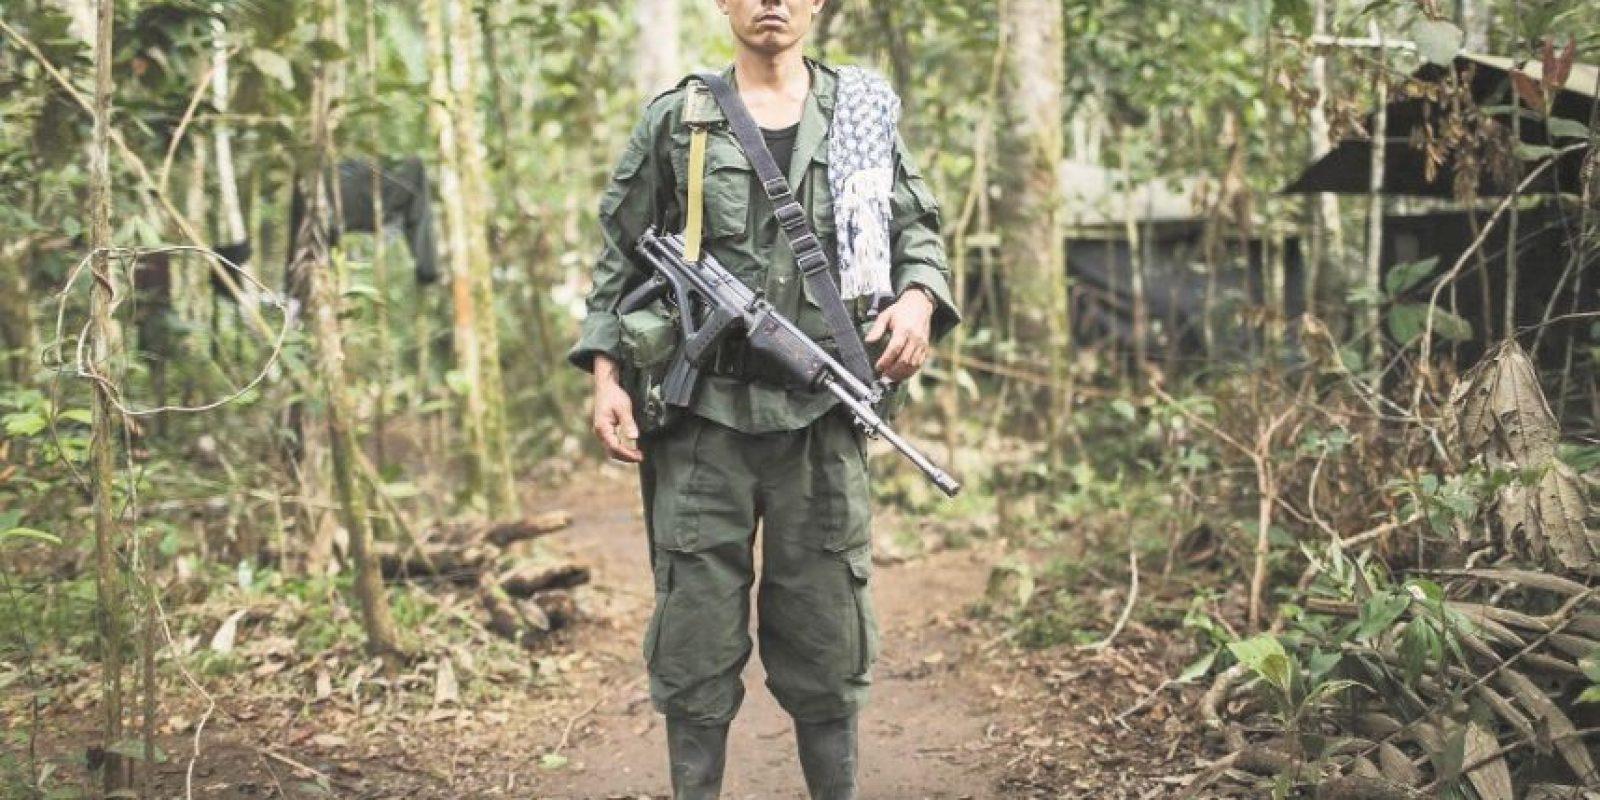 En 180 días los combatientes de las FARC deben entregar sus armas. Foto:Fuente externa